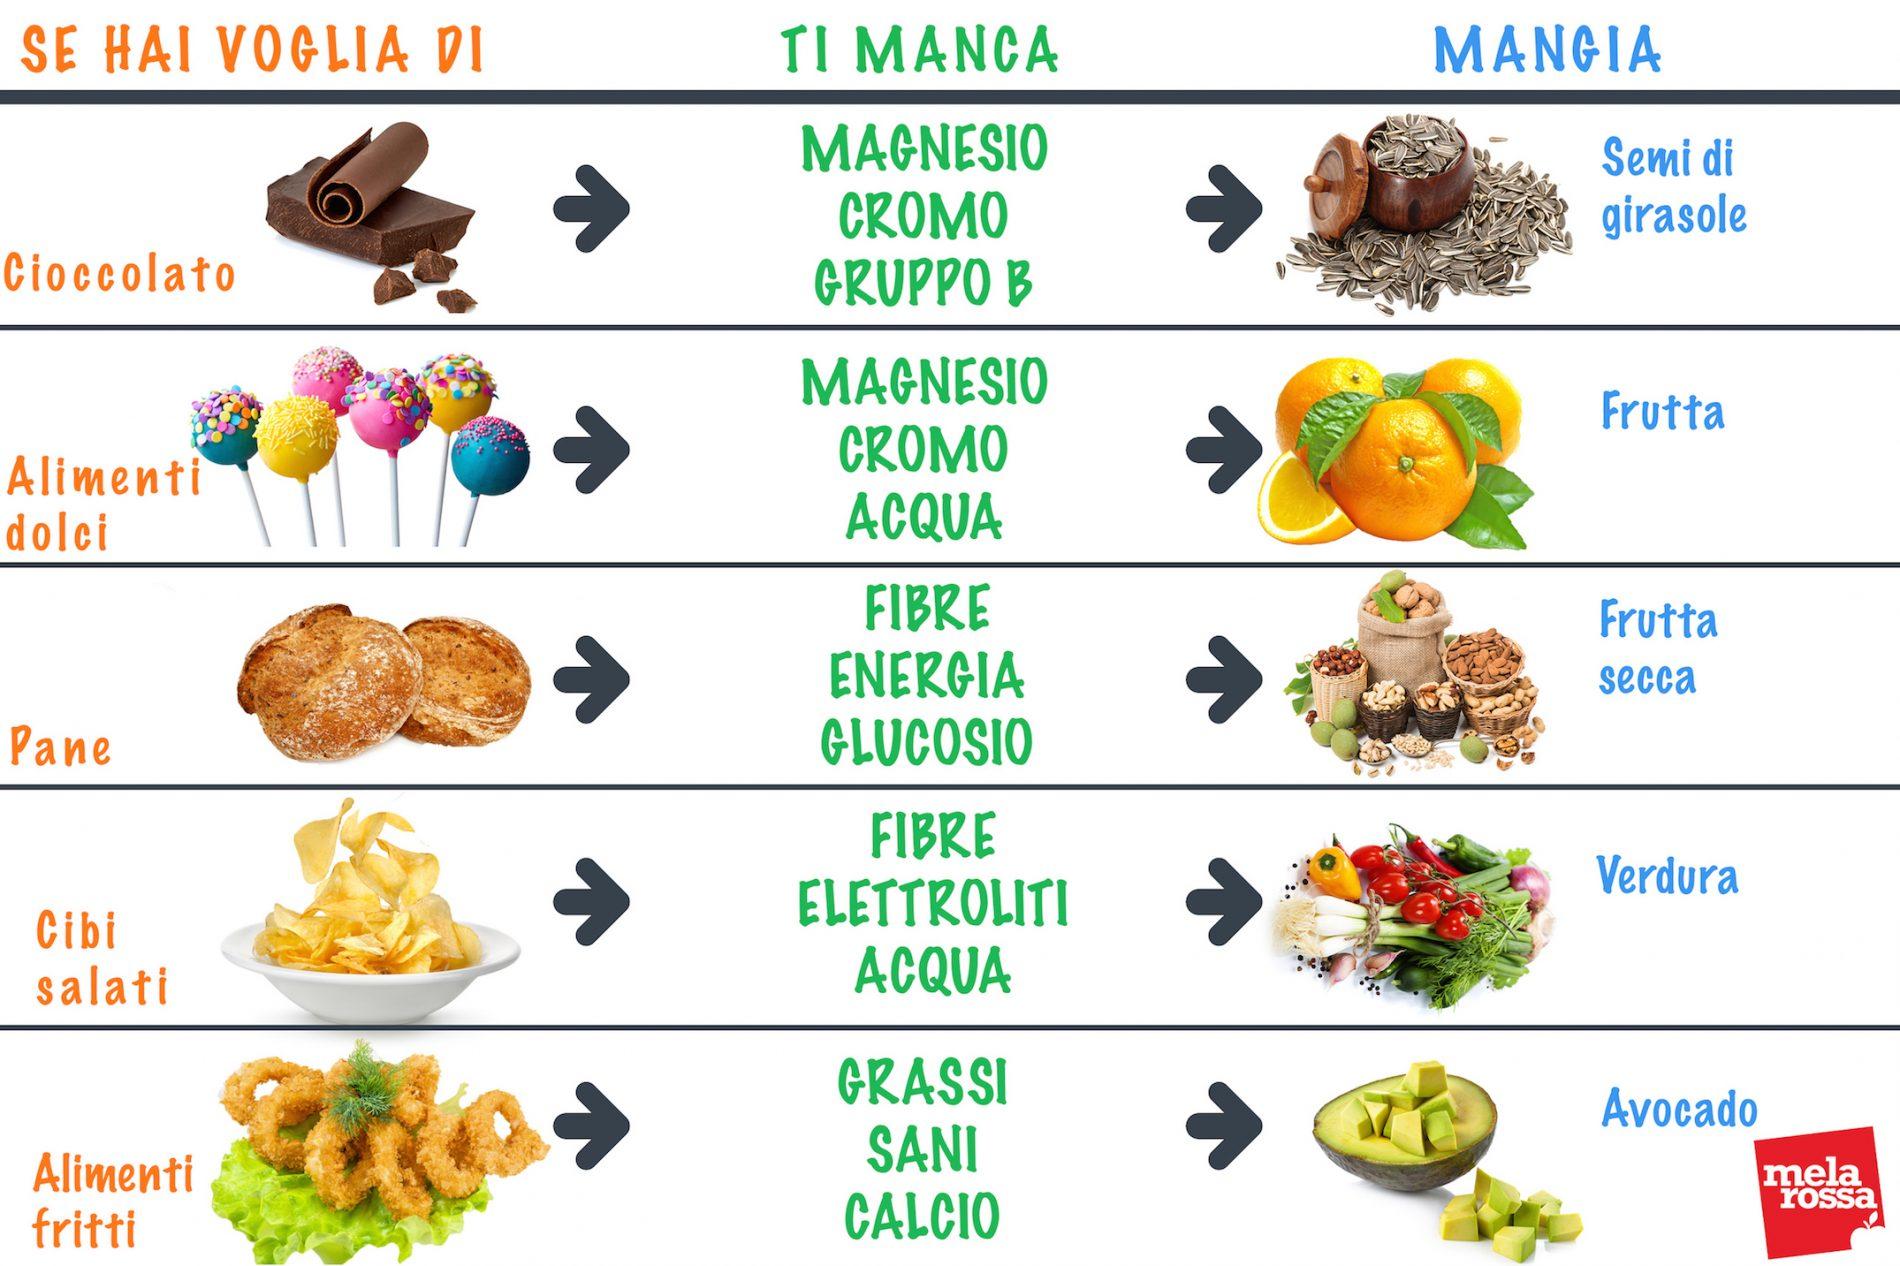 Tabella voglie di cibi proibiti a dieta